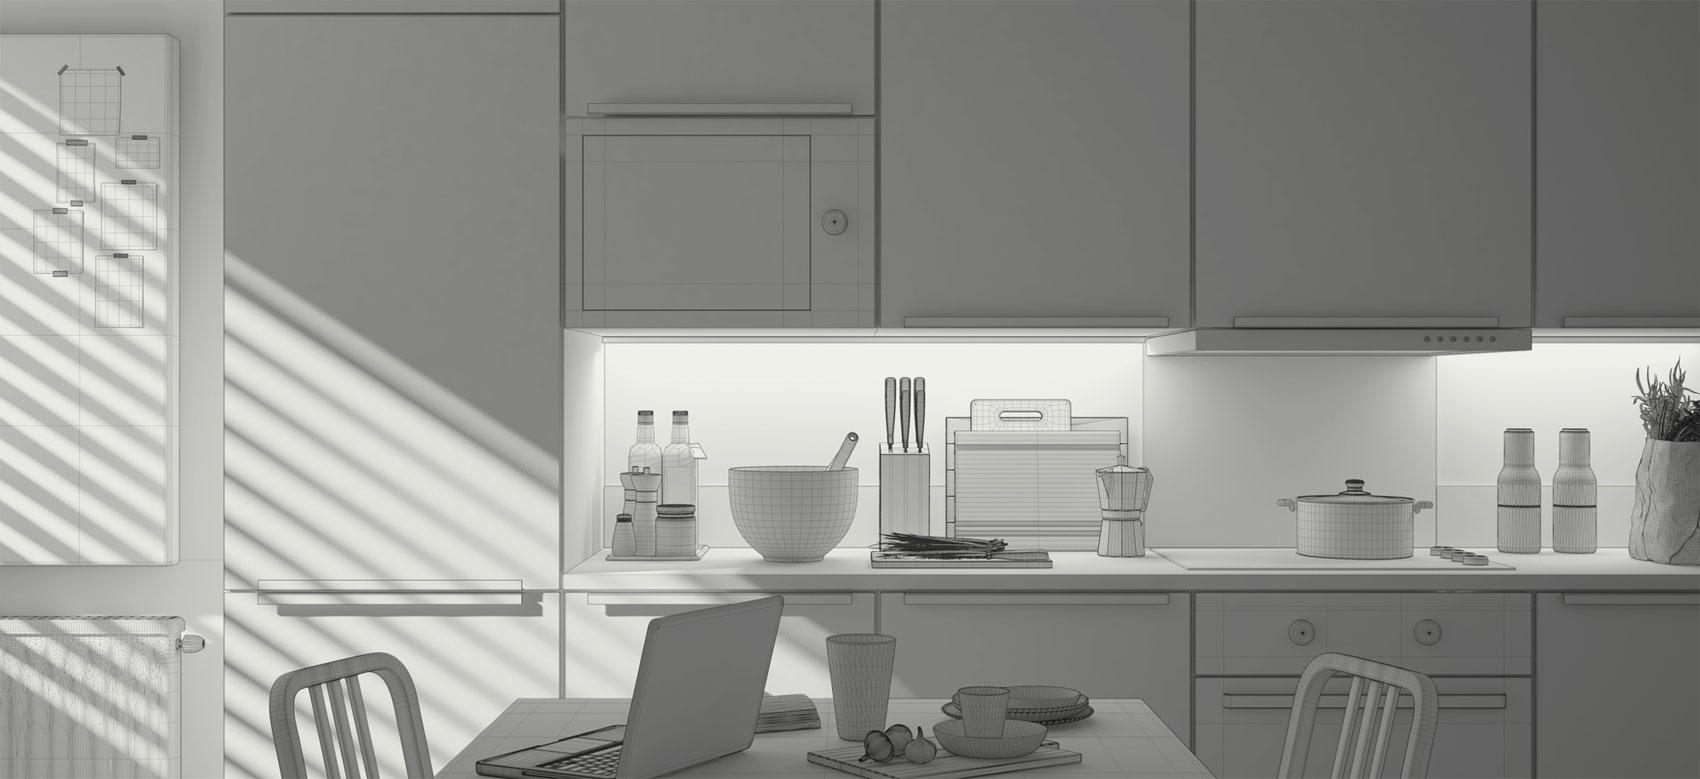 Cuisine-2-1